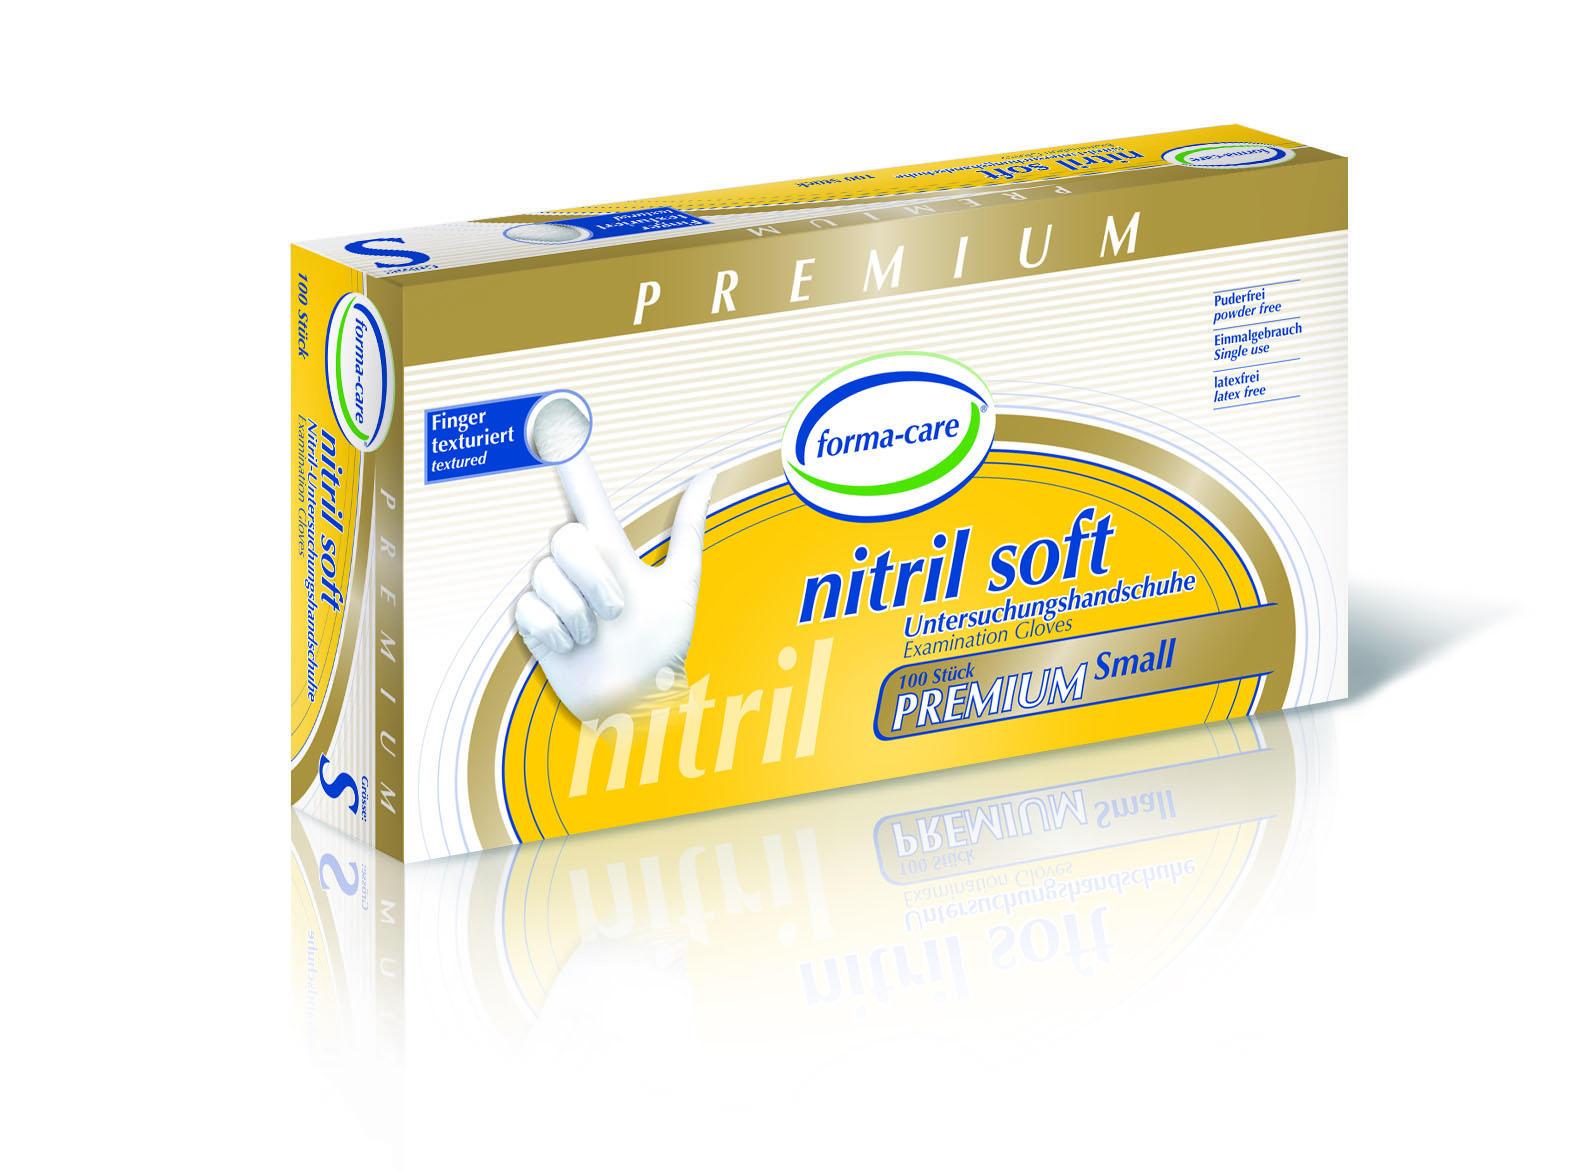 forma-care Handschuh Nitril Premium soft S, 10 x 100 Stück, puderfrei, weiß, Gr. S